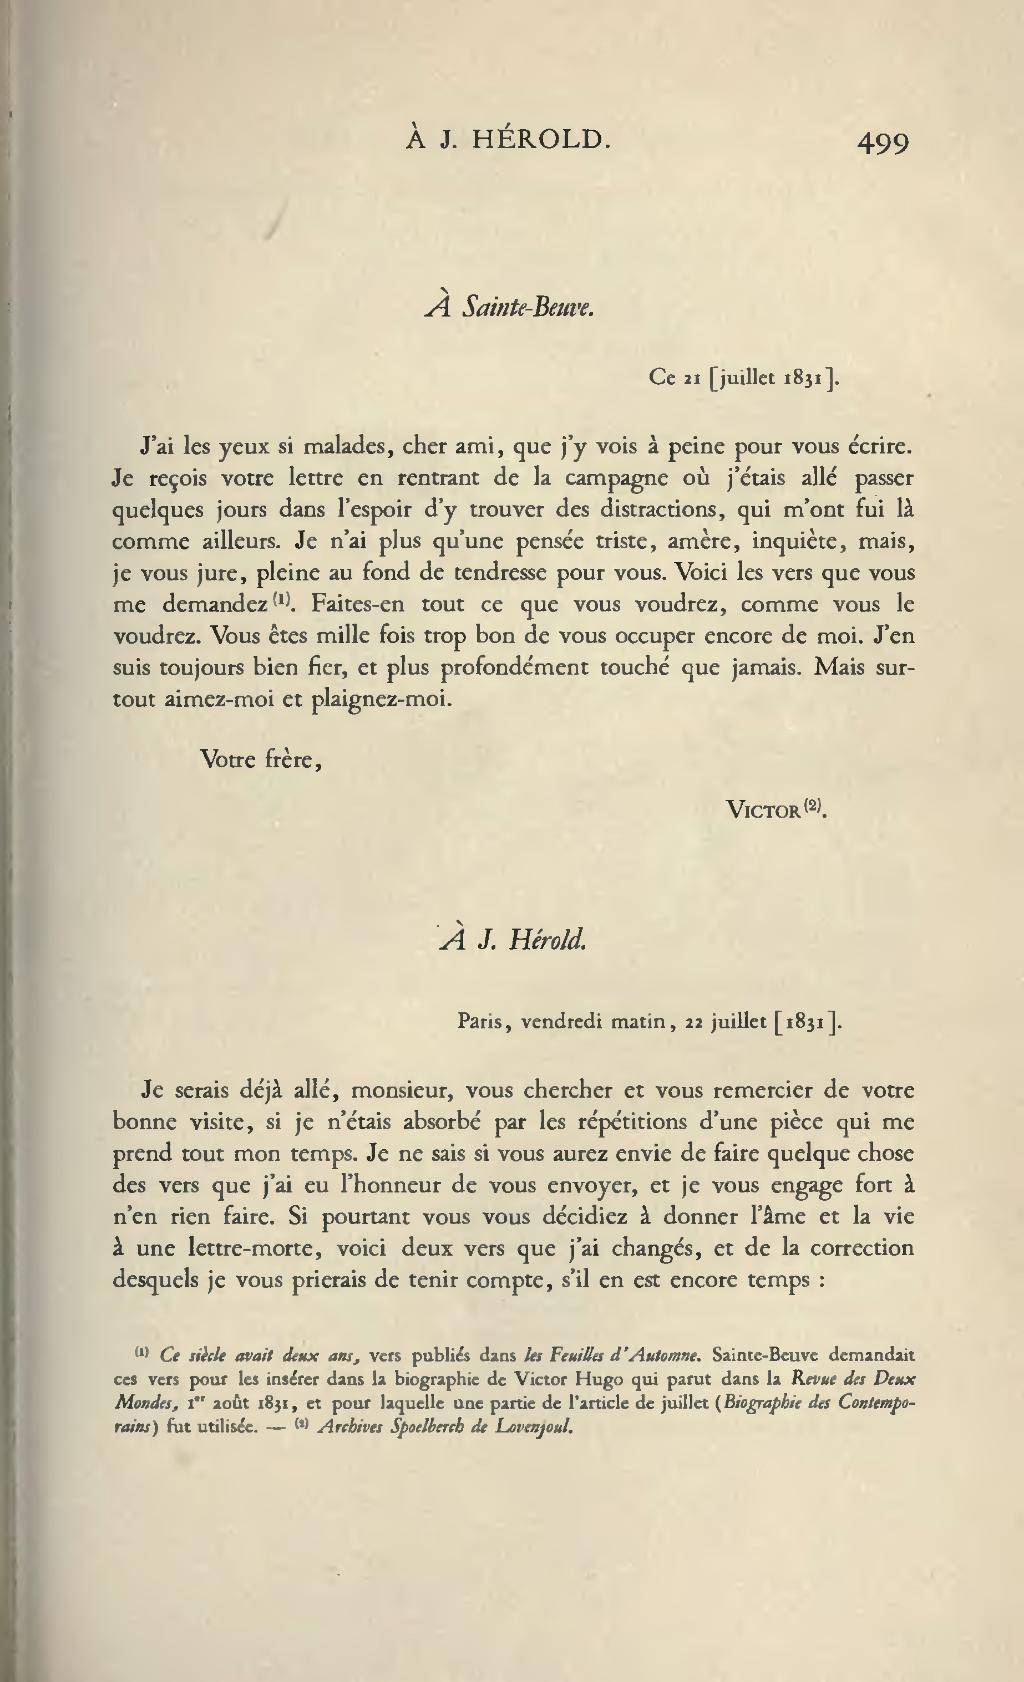 Ce Siecle Avait 2 Ans : siecle, avait, Page:Hugo, Œuvres, Complètes,, Impr., Nat.,, Correspondance,, I.djvu/503, Wikisource